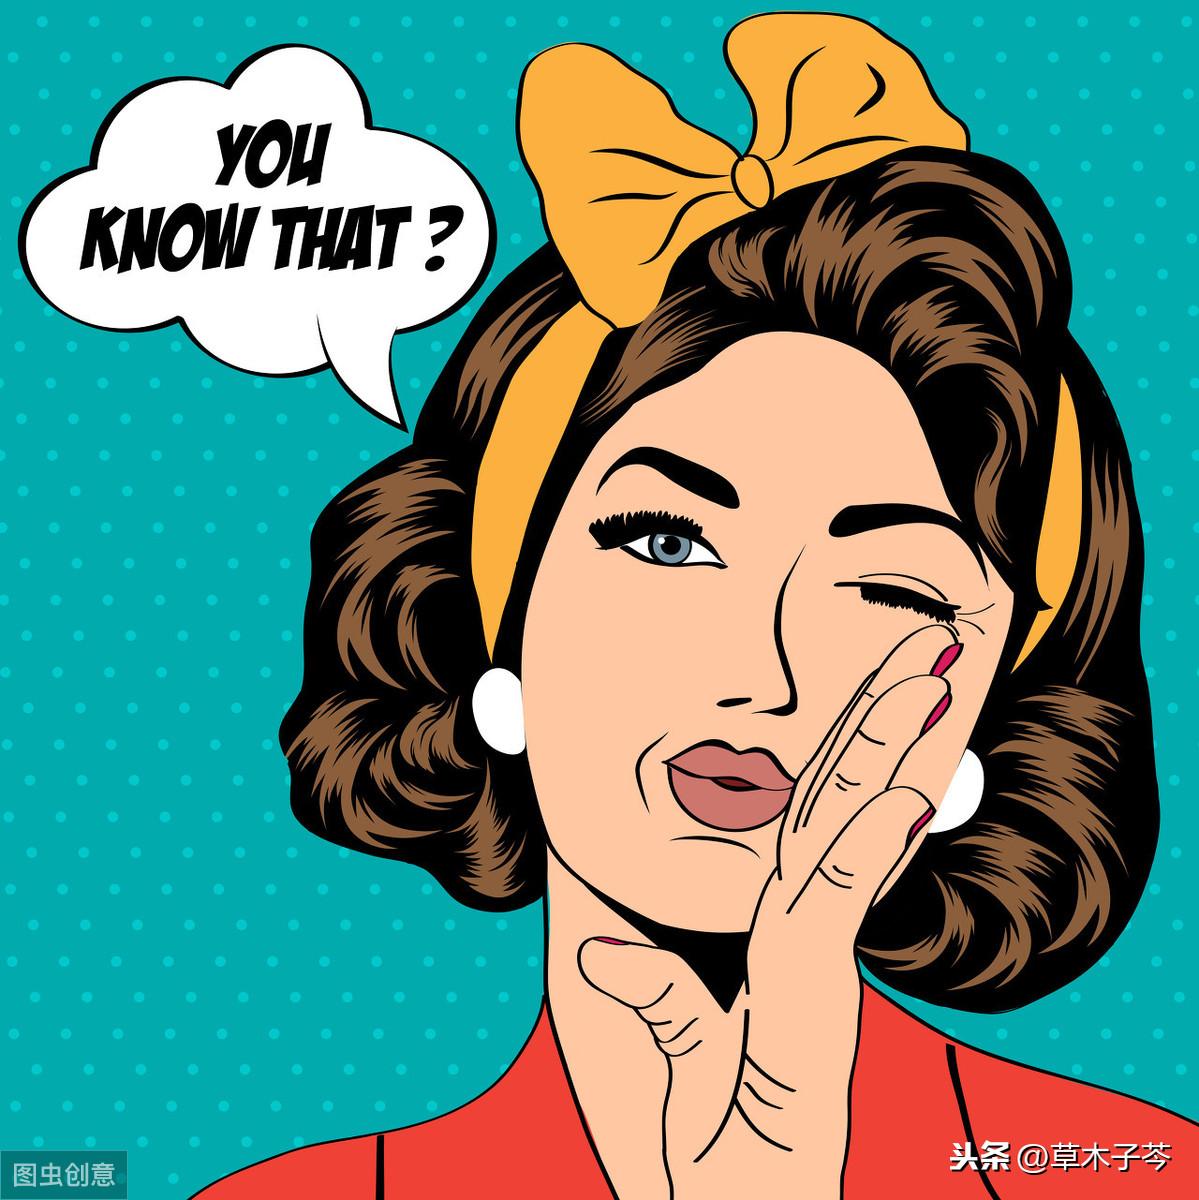 魅力的女人懂风情,女生们都来了解一下自己的风情指数吧